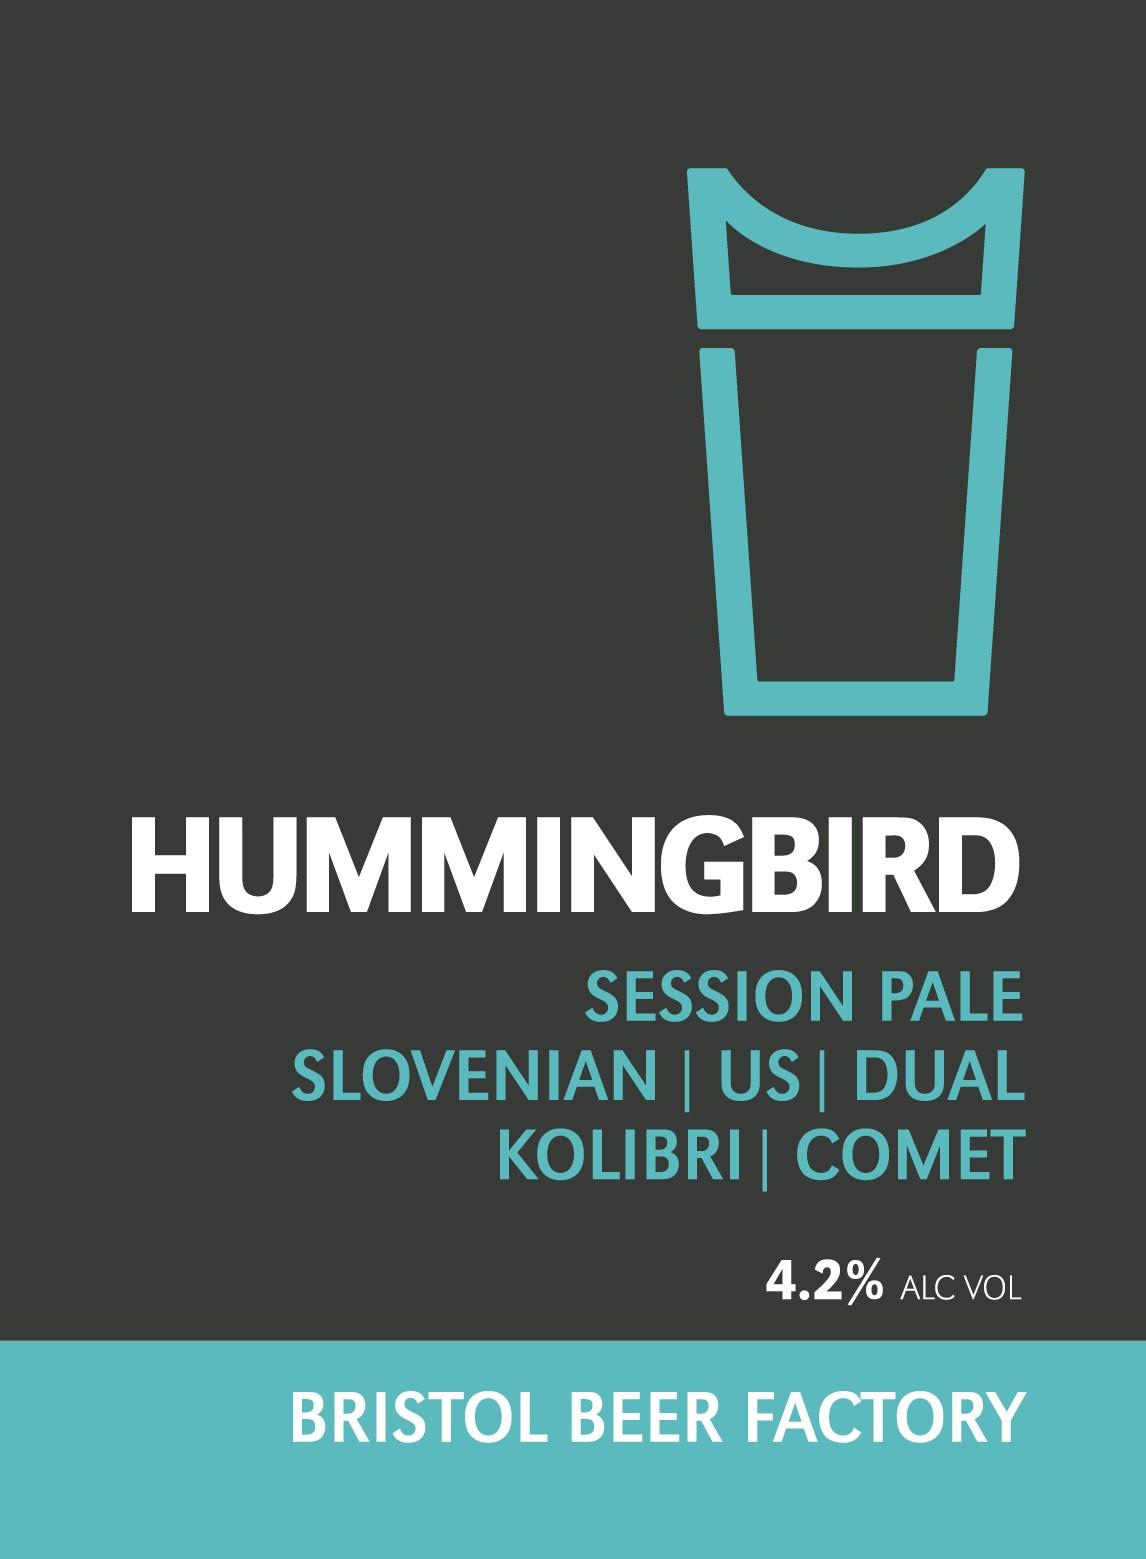 BBF HUMMINGBIRD.jpg